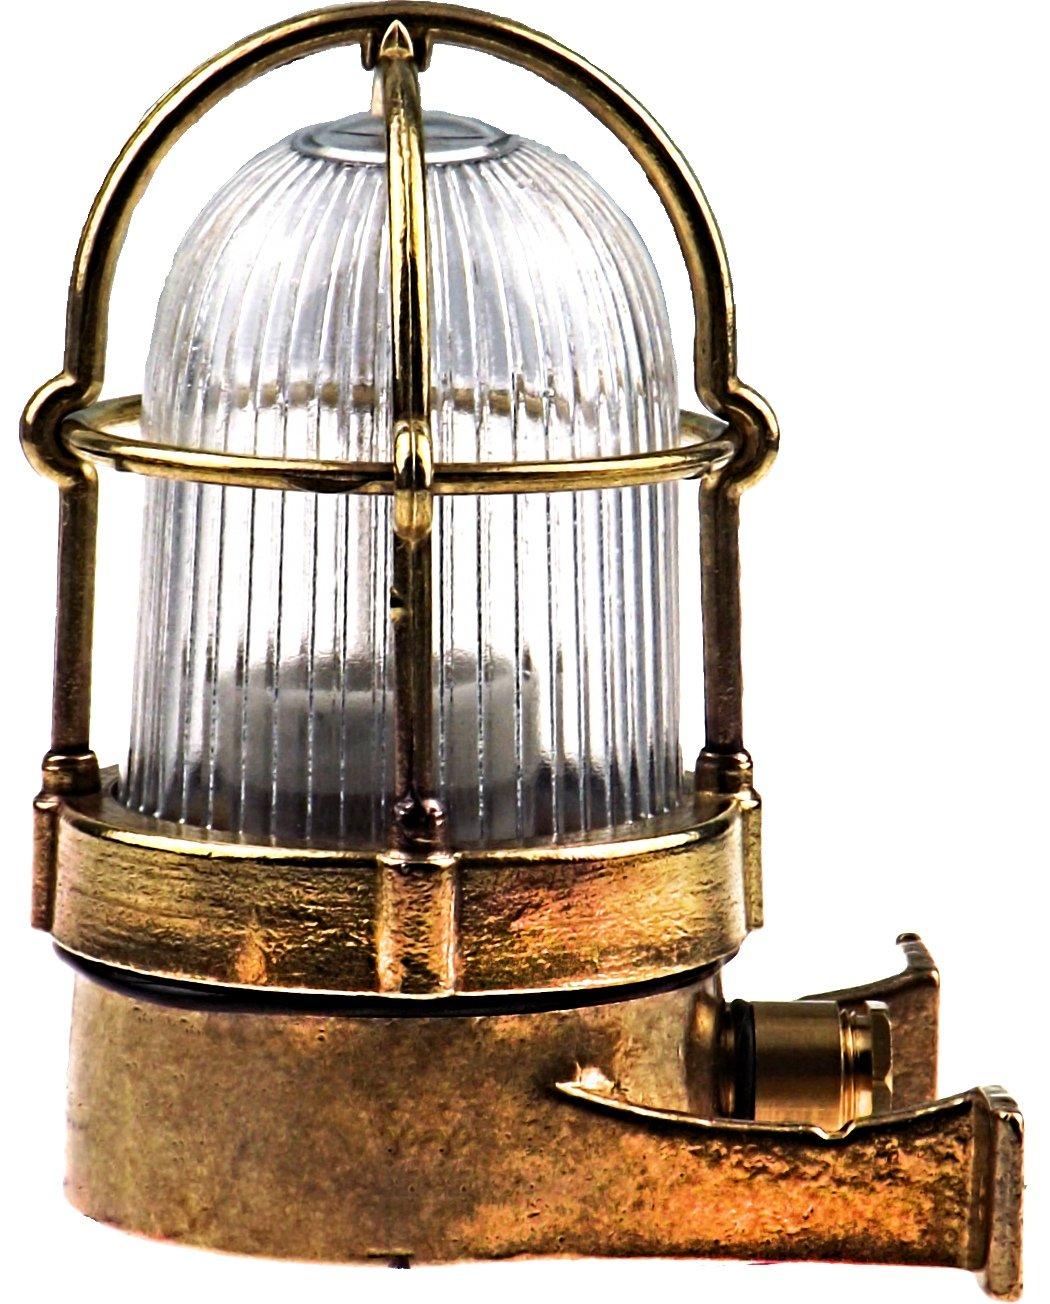 Stega Schiffslampe schiffsleuchten Gitter lampe aus massivem Messing wasserdichte Leuchter Licht lampe Nautische Marine Boot Wandlampe Industrielicht [Energieklasse A++] Kluci